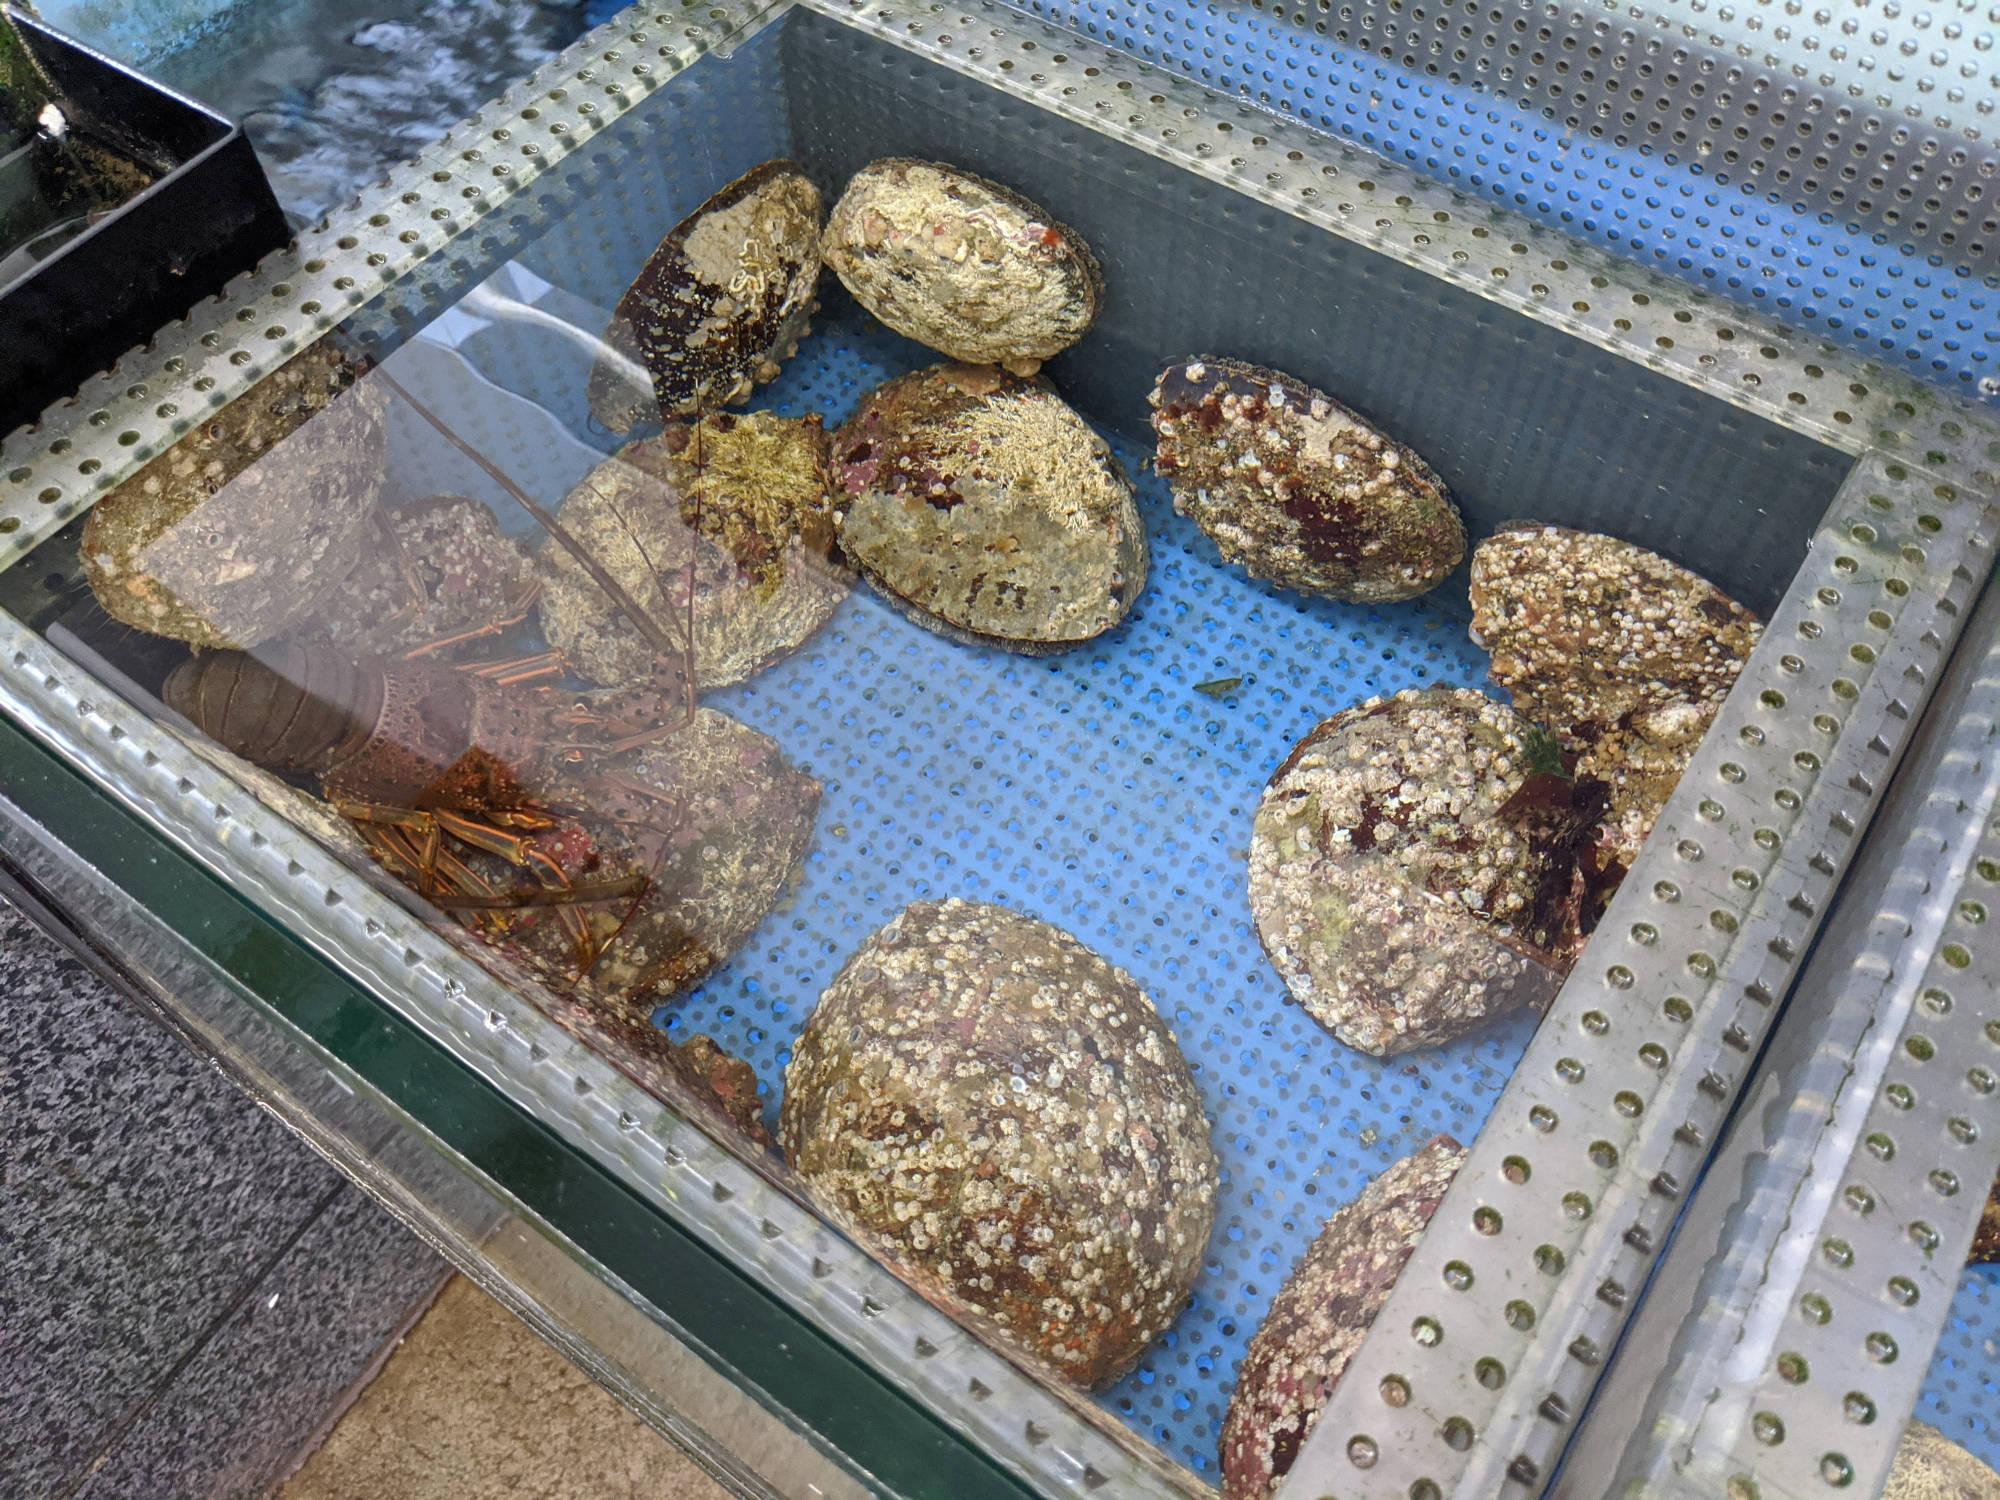 白鳥丸で売られているアワビ